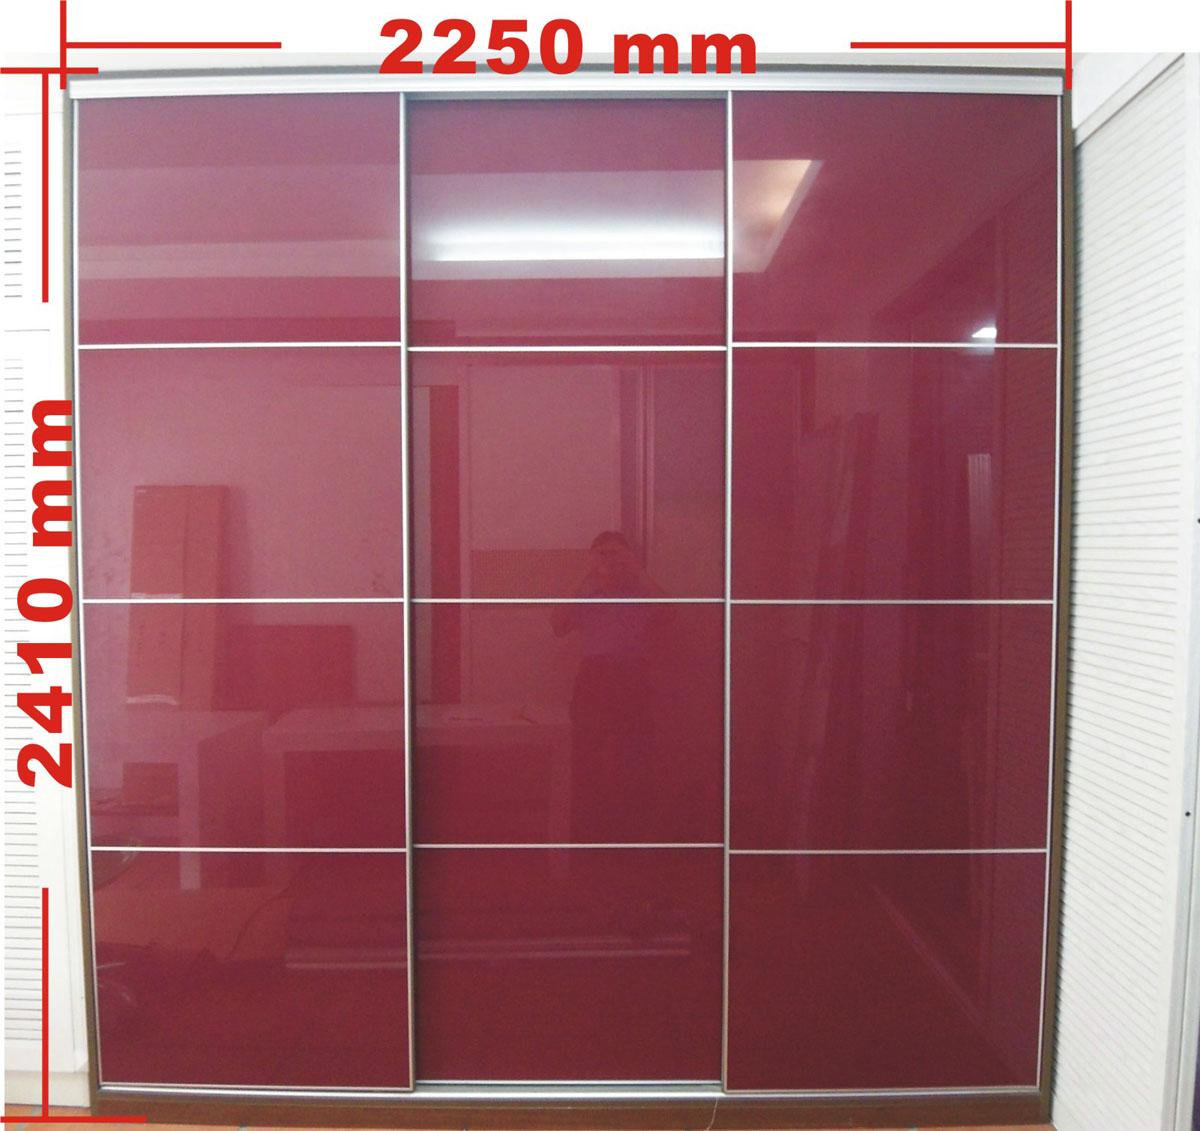 烤漆玻璃推拉门衣柜外部图